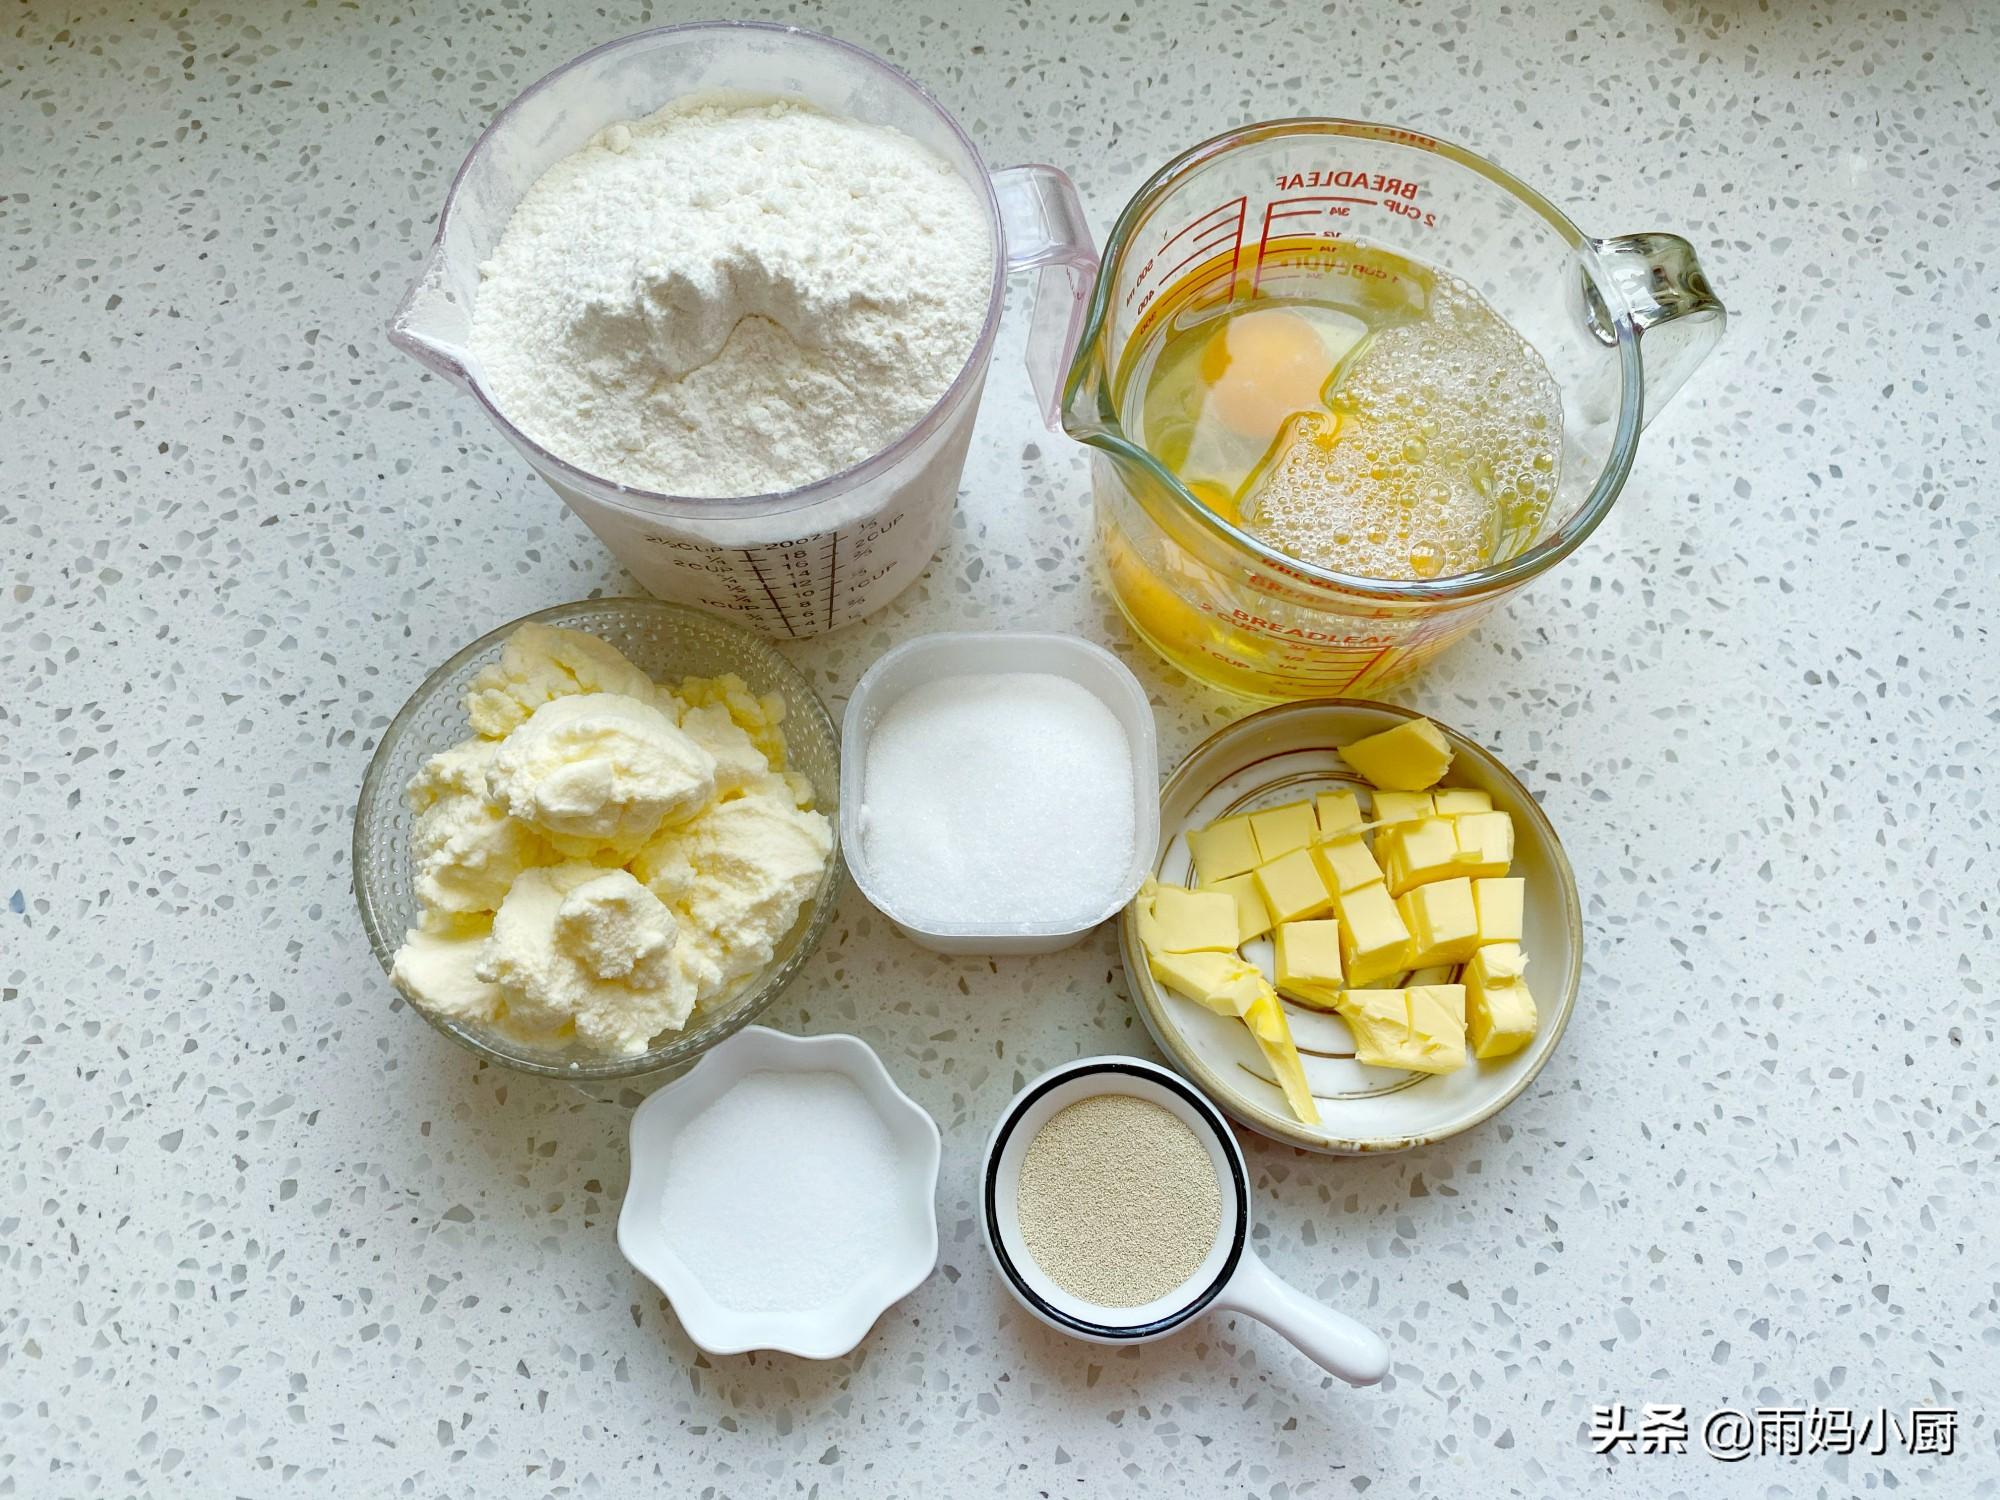 不加1滴奶,超簡單的奶排麵包,奶香濃郁鬆軟又拉絲,全家都愛吃